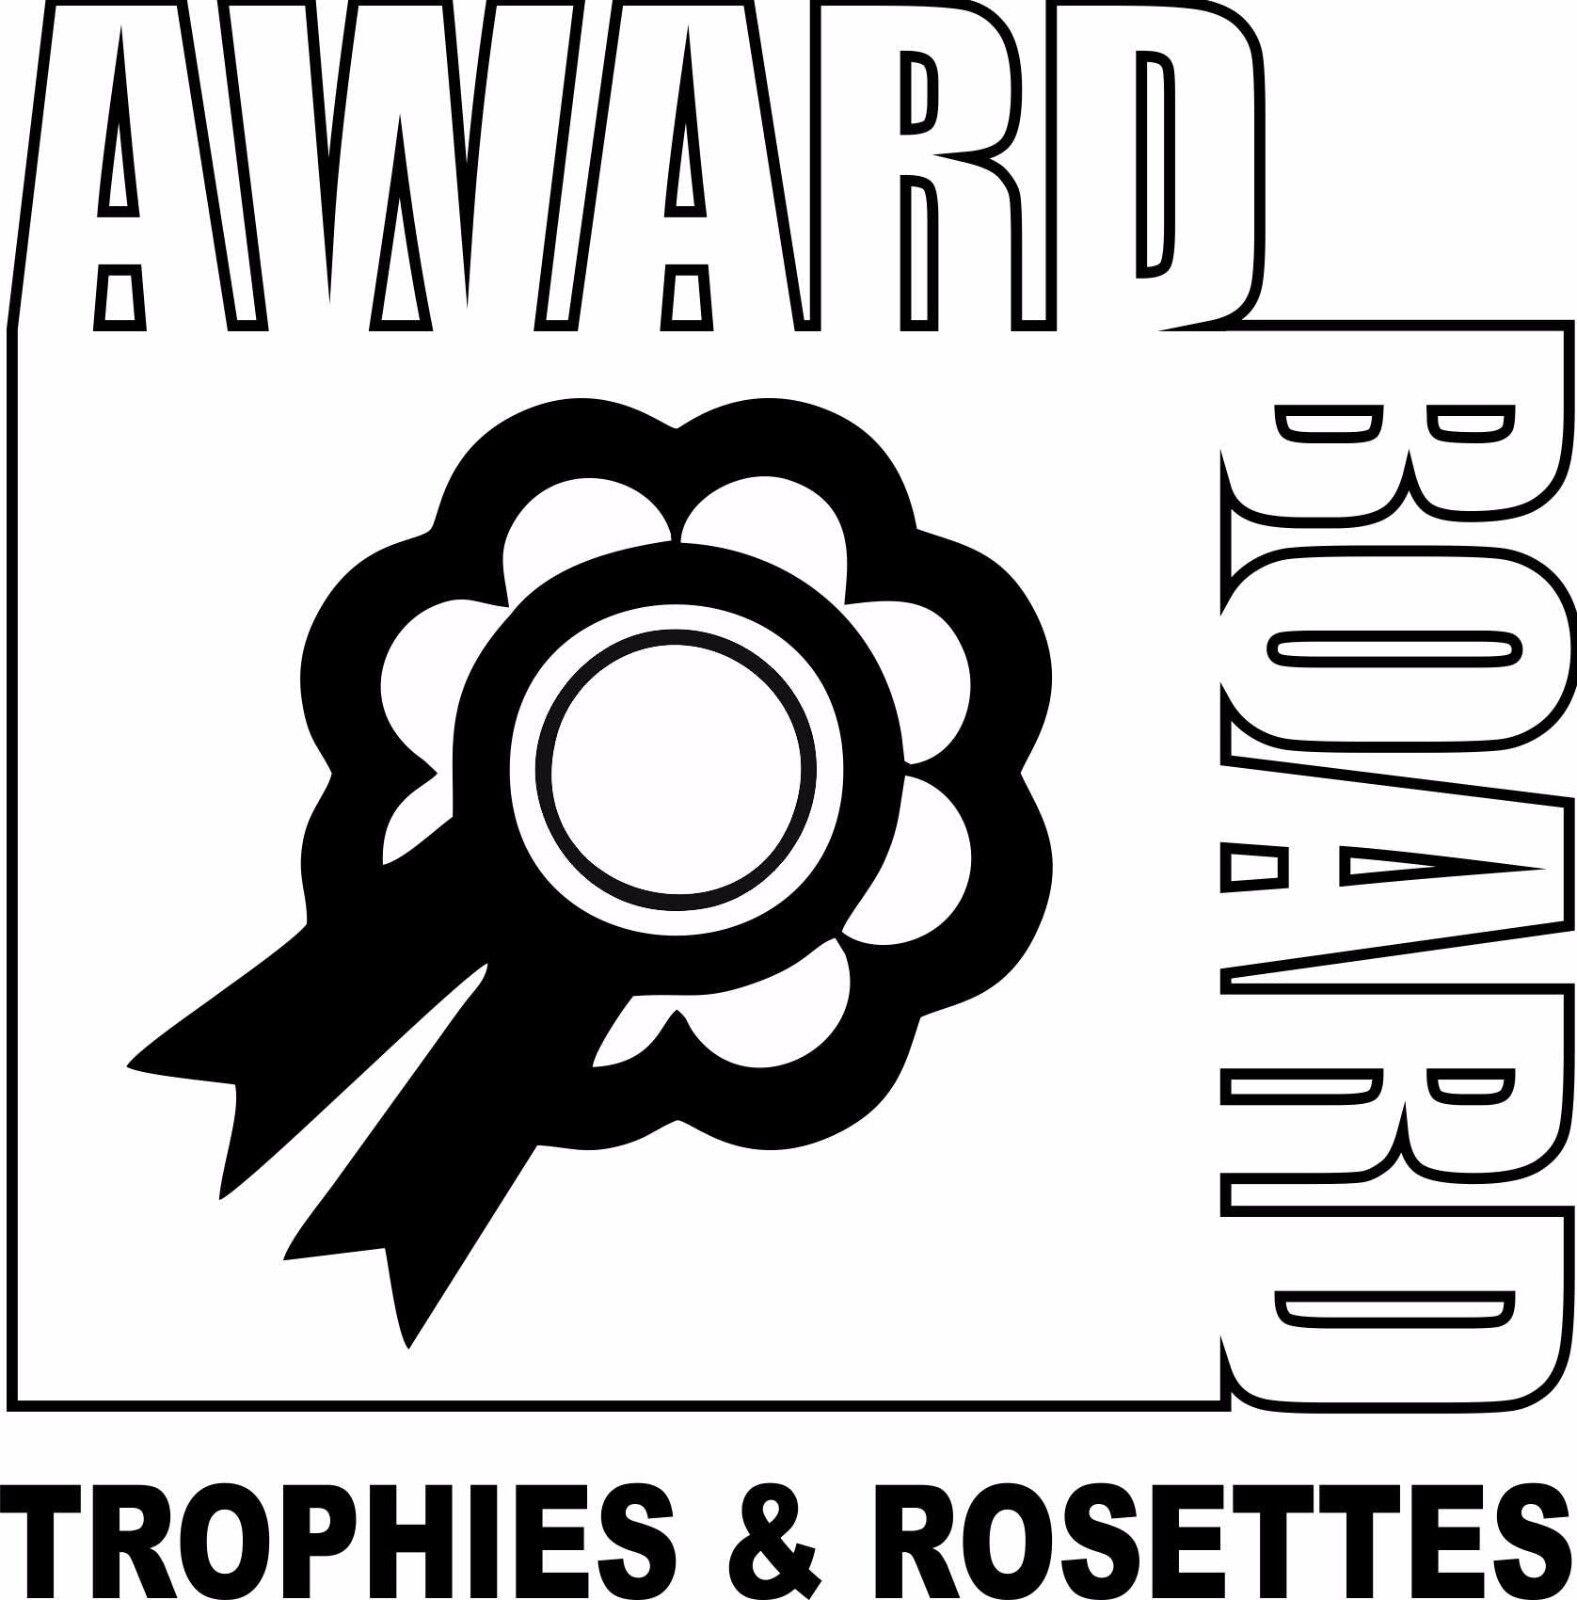 Trois 26cm étoiles résine fléchettes 180 trophy dart board award 26cm Trois gravure gratuite RF653C 52dea0